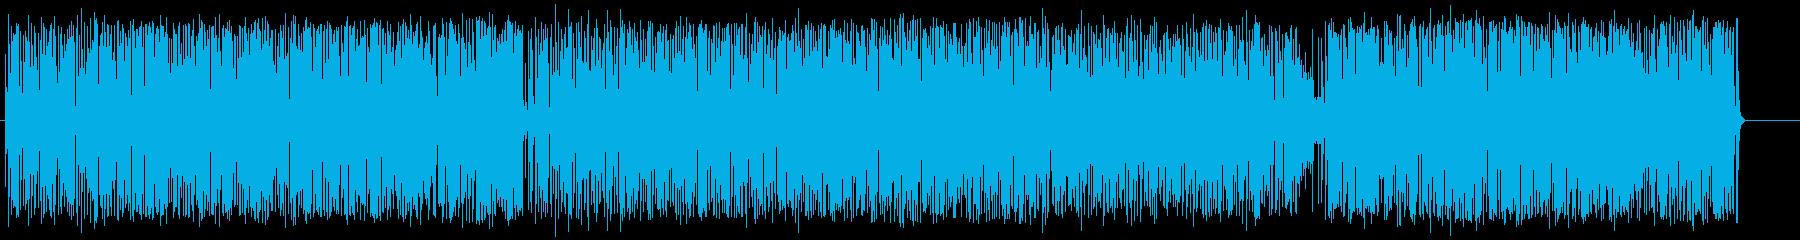 いきいき アウトドア 忙しい 元気 青空の再生済みの波形